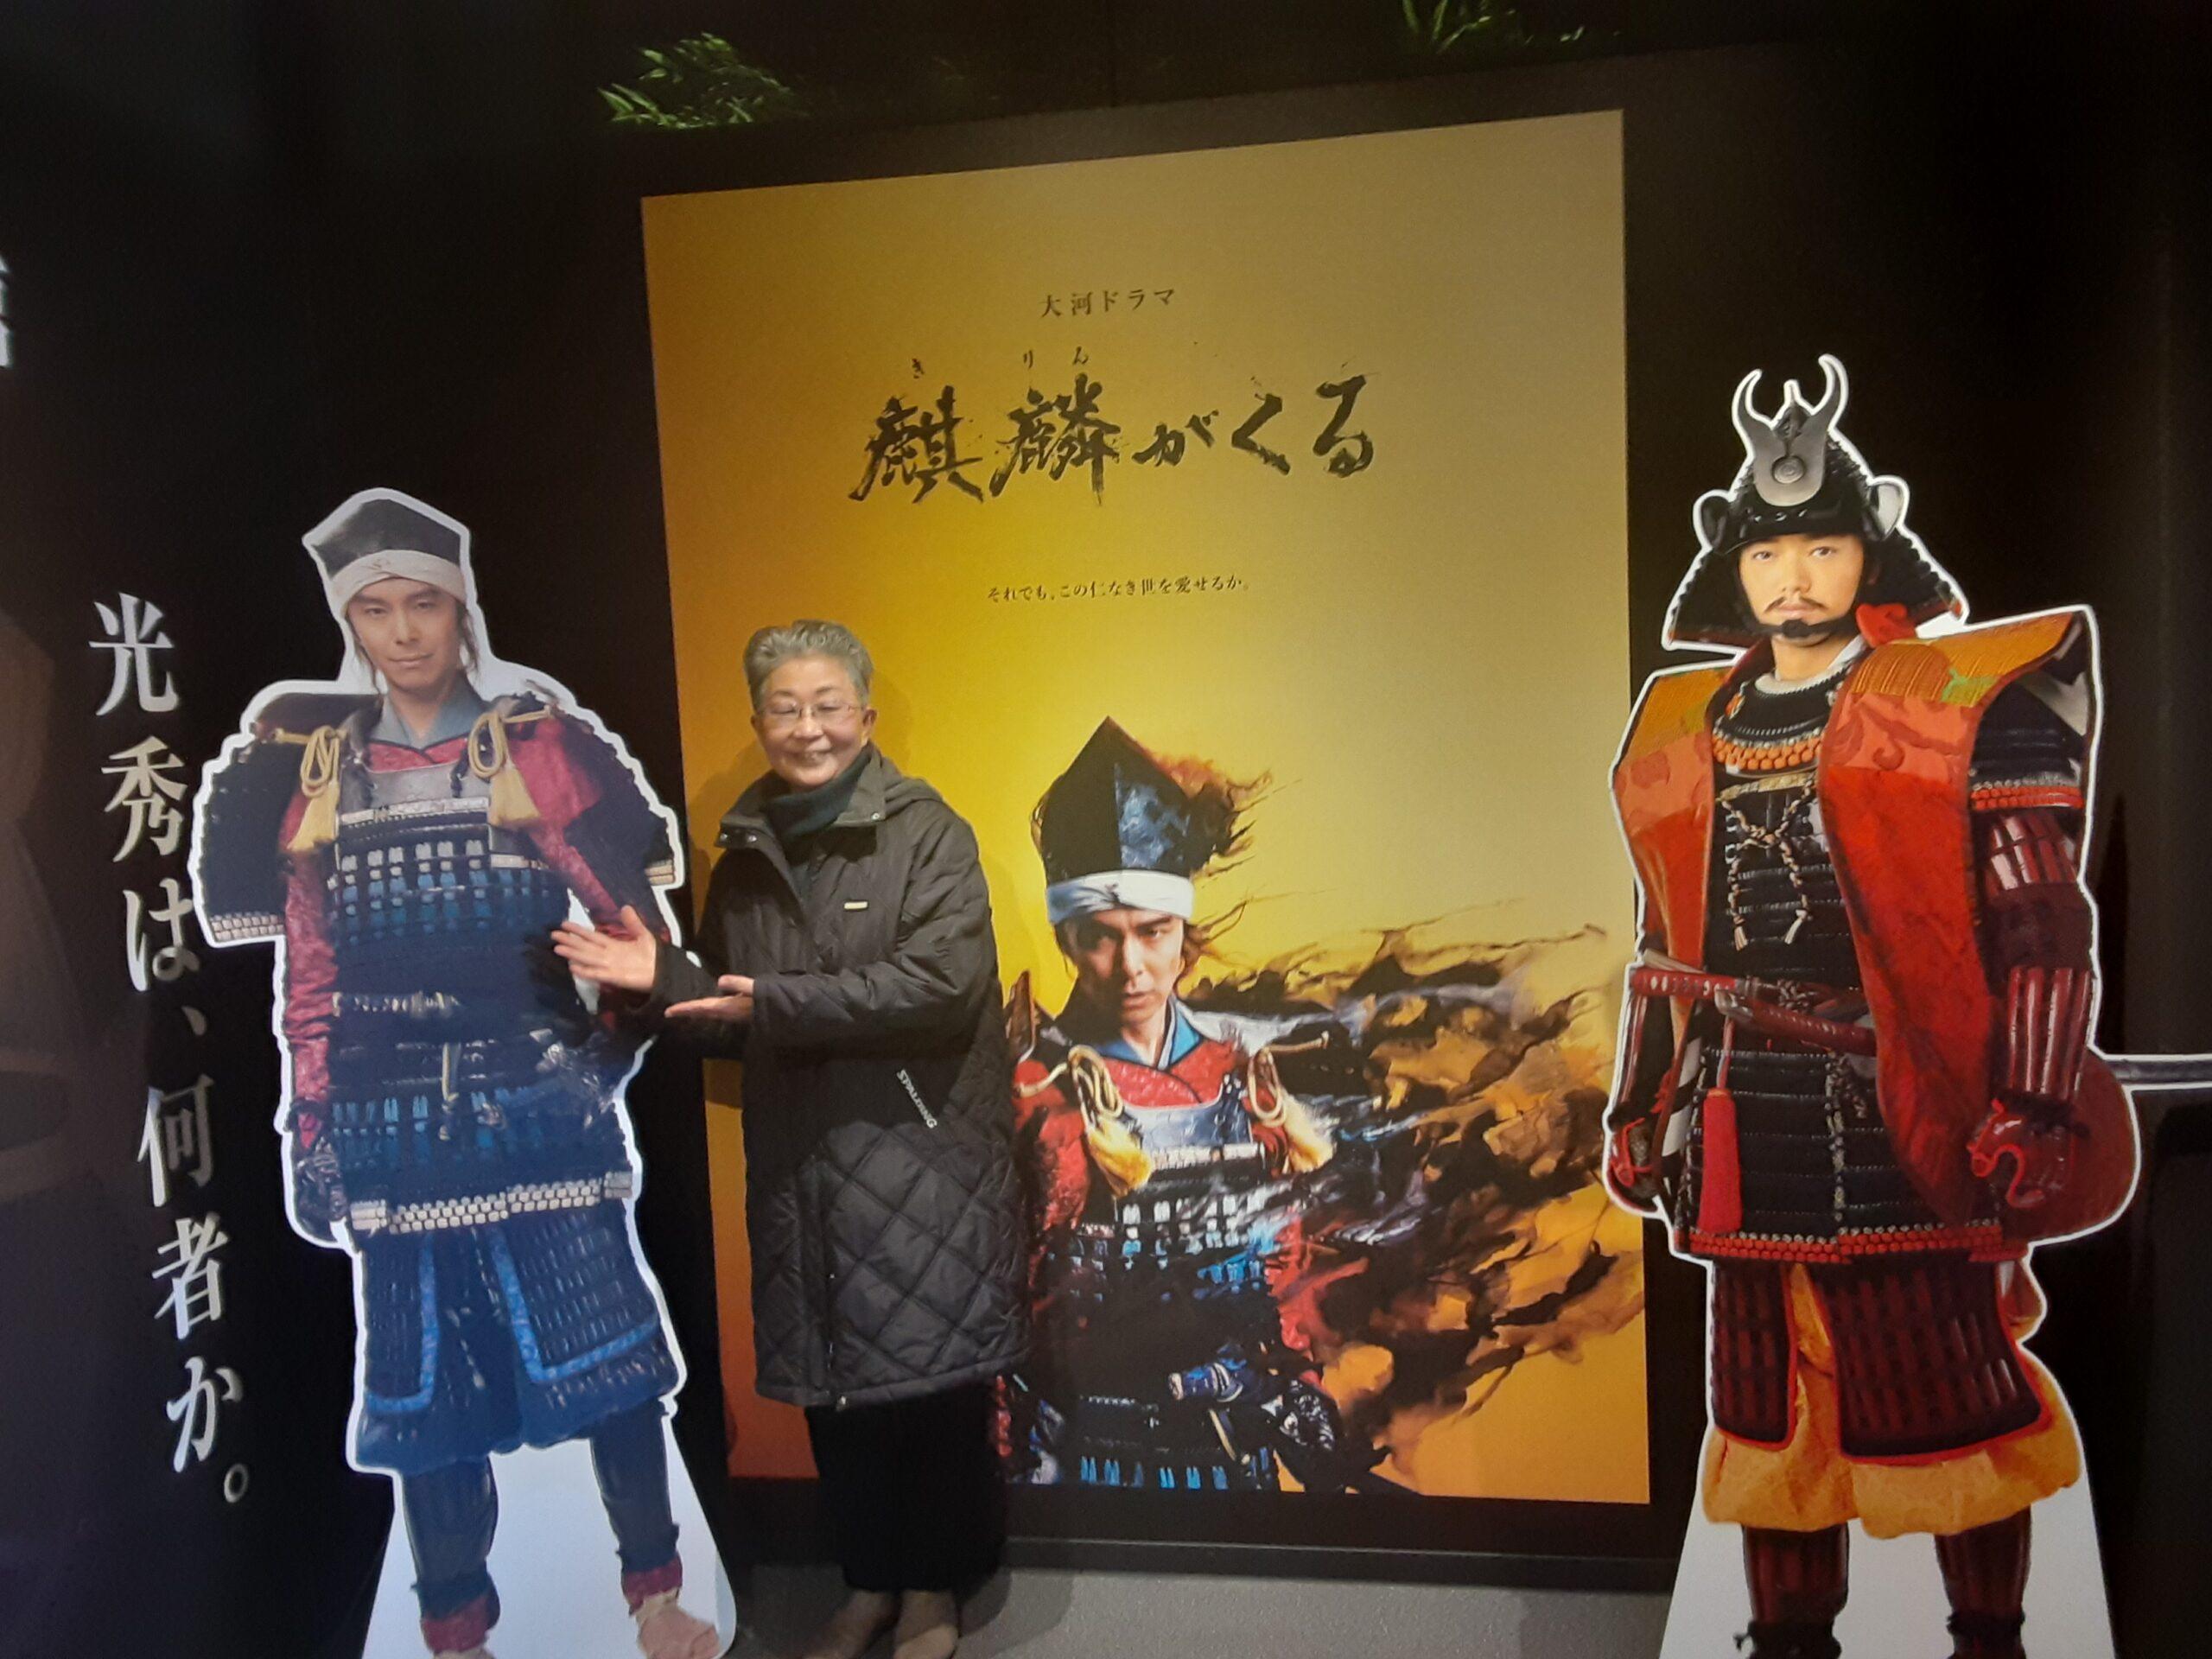 大河ドラマ『麒麟がくる』も終盤で亀岡のドラマ館へ🎶🎶